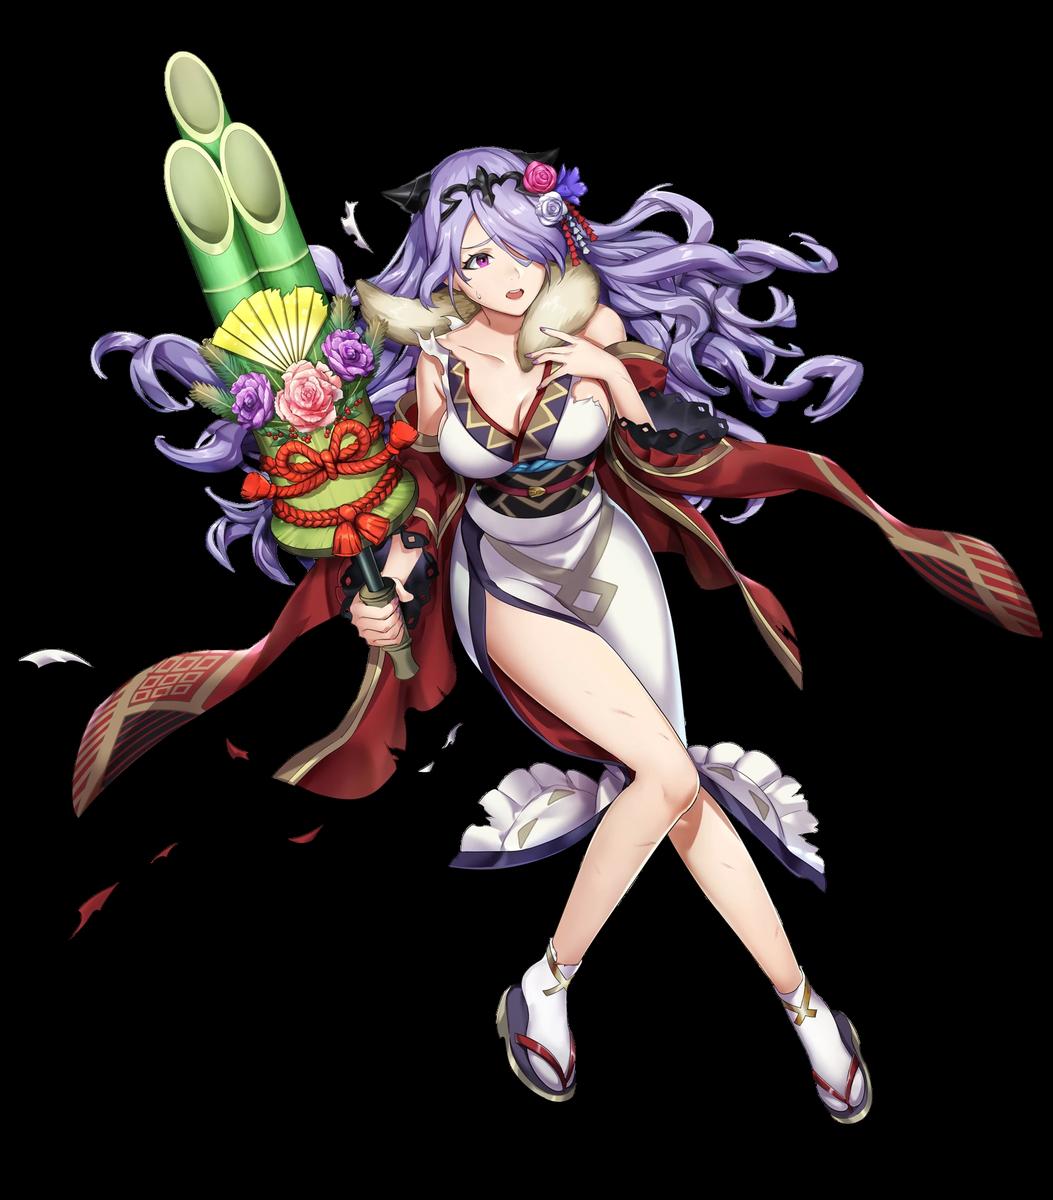 Camilla fire emblem